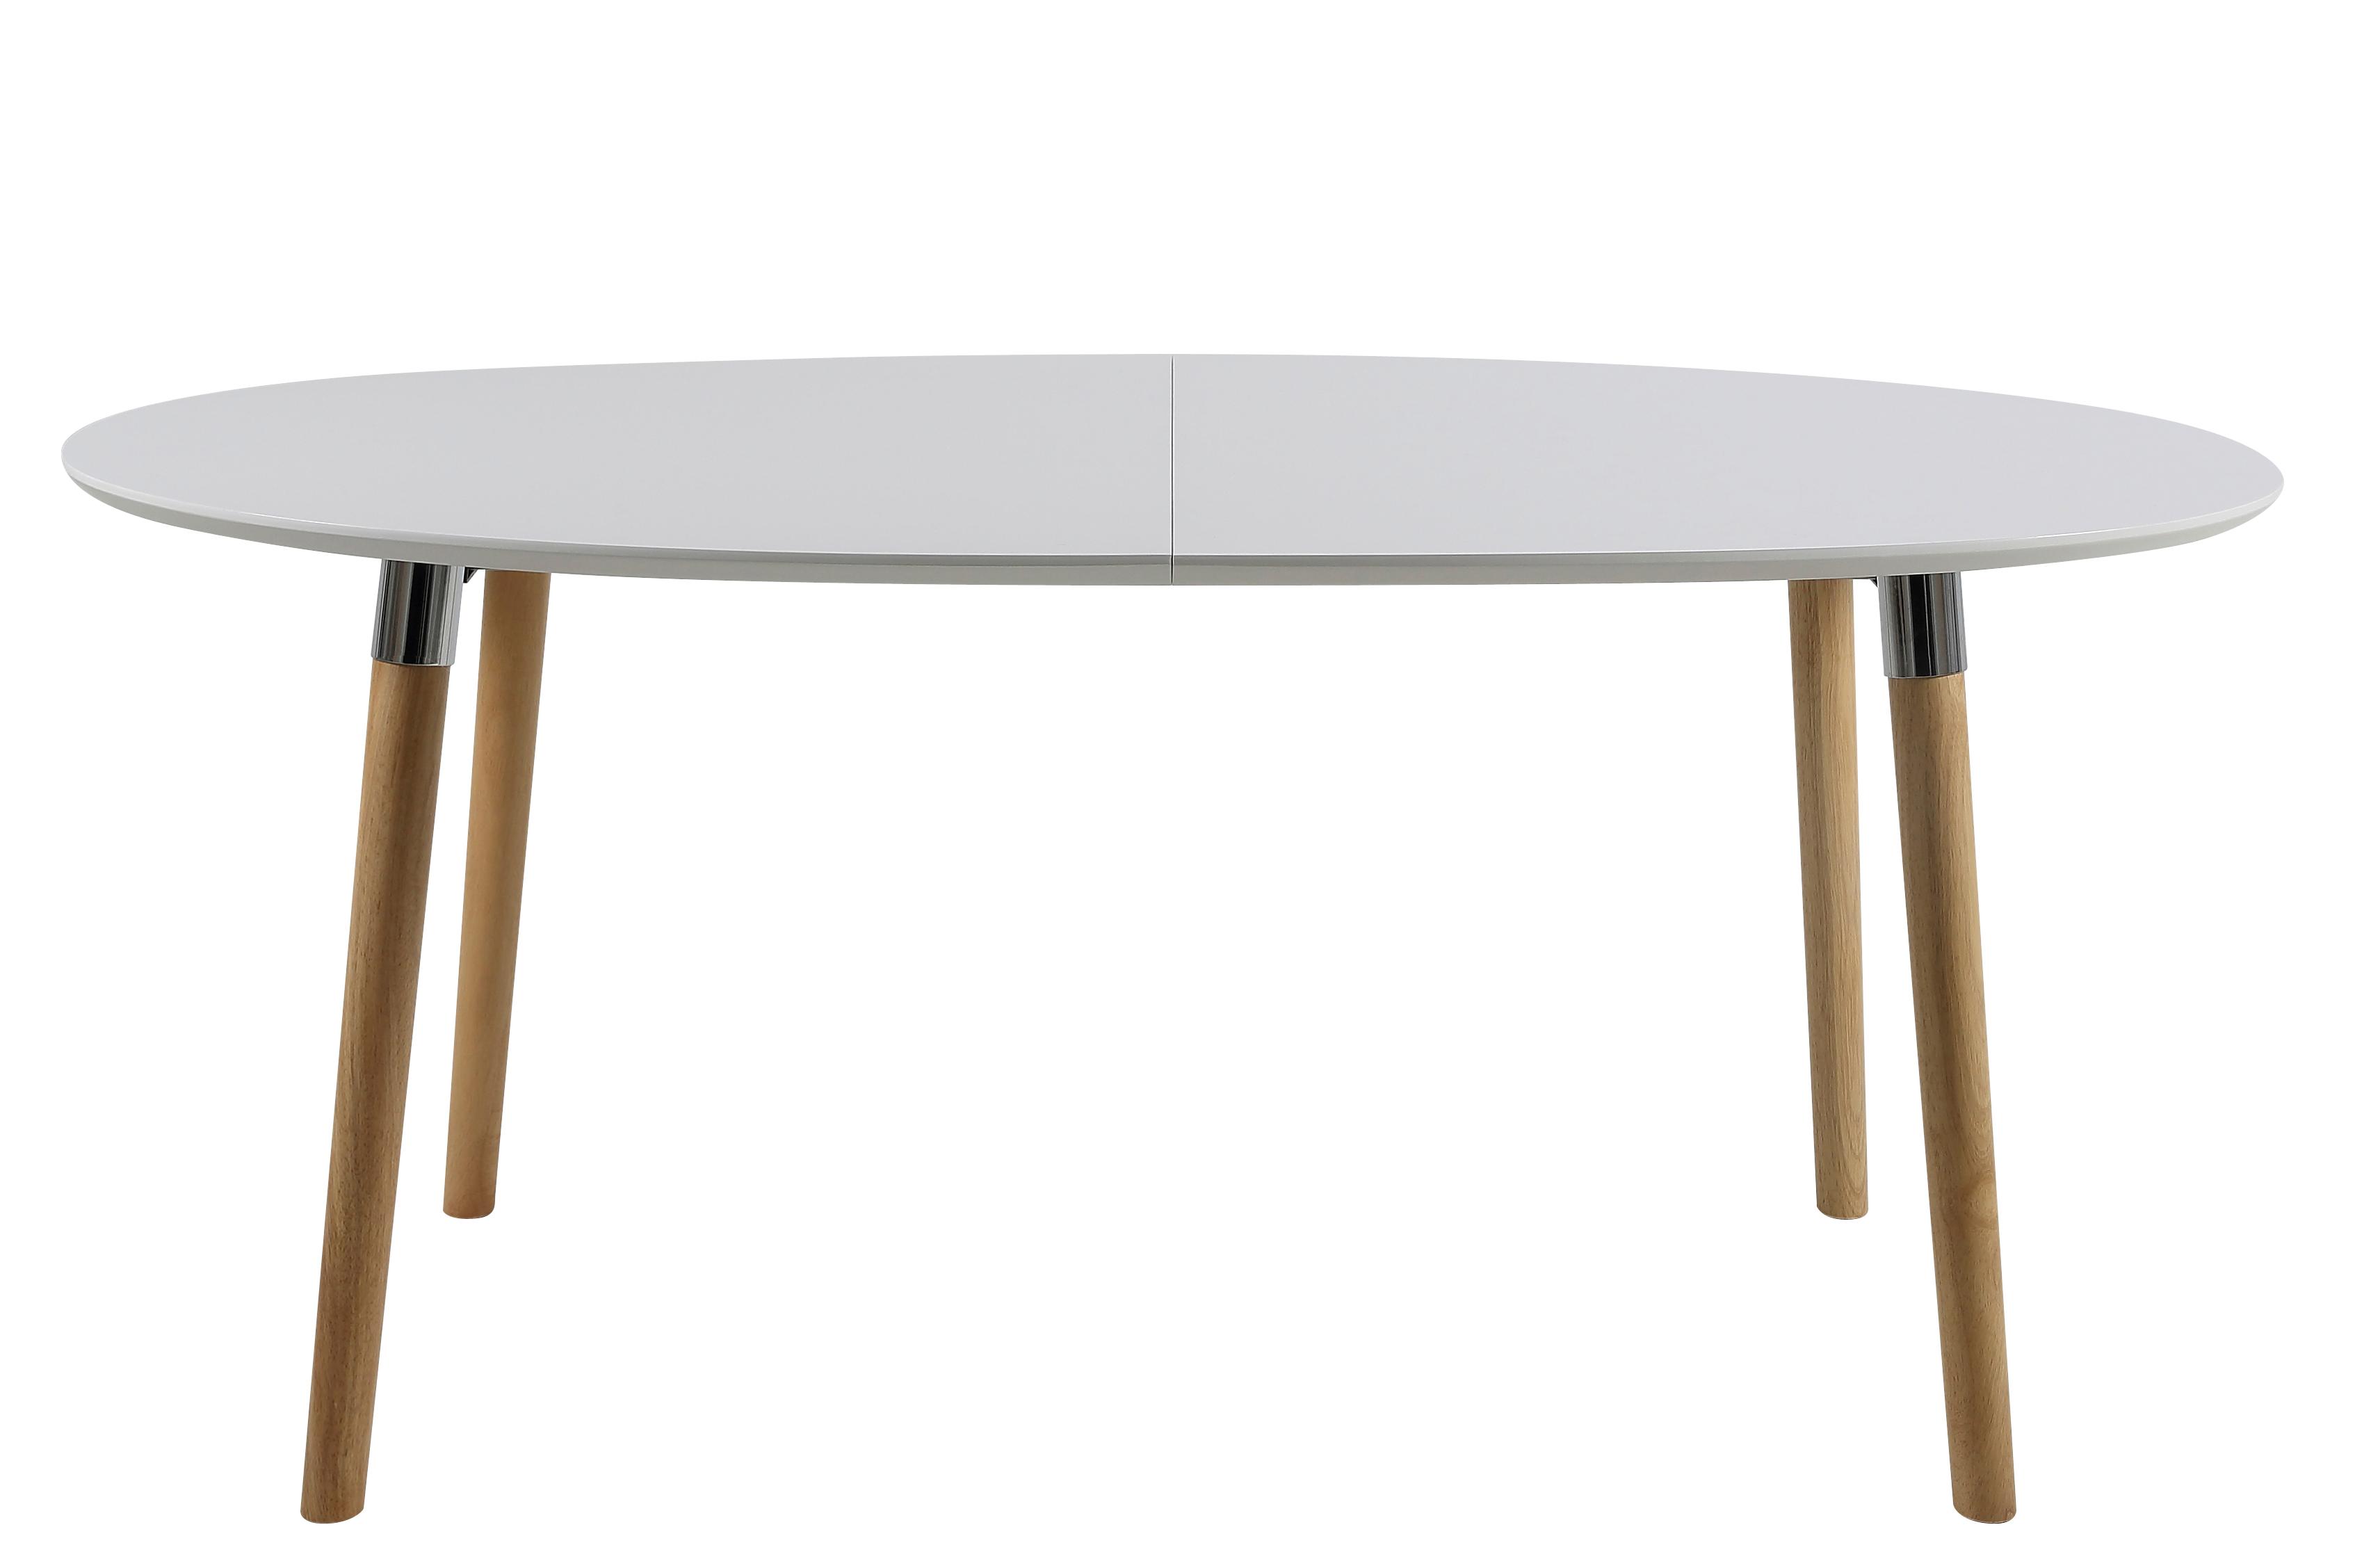 Ovalen Witte Eettafel.Ovale Eettafel Uitschuifbaar Meubel Deals Nl